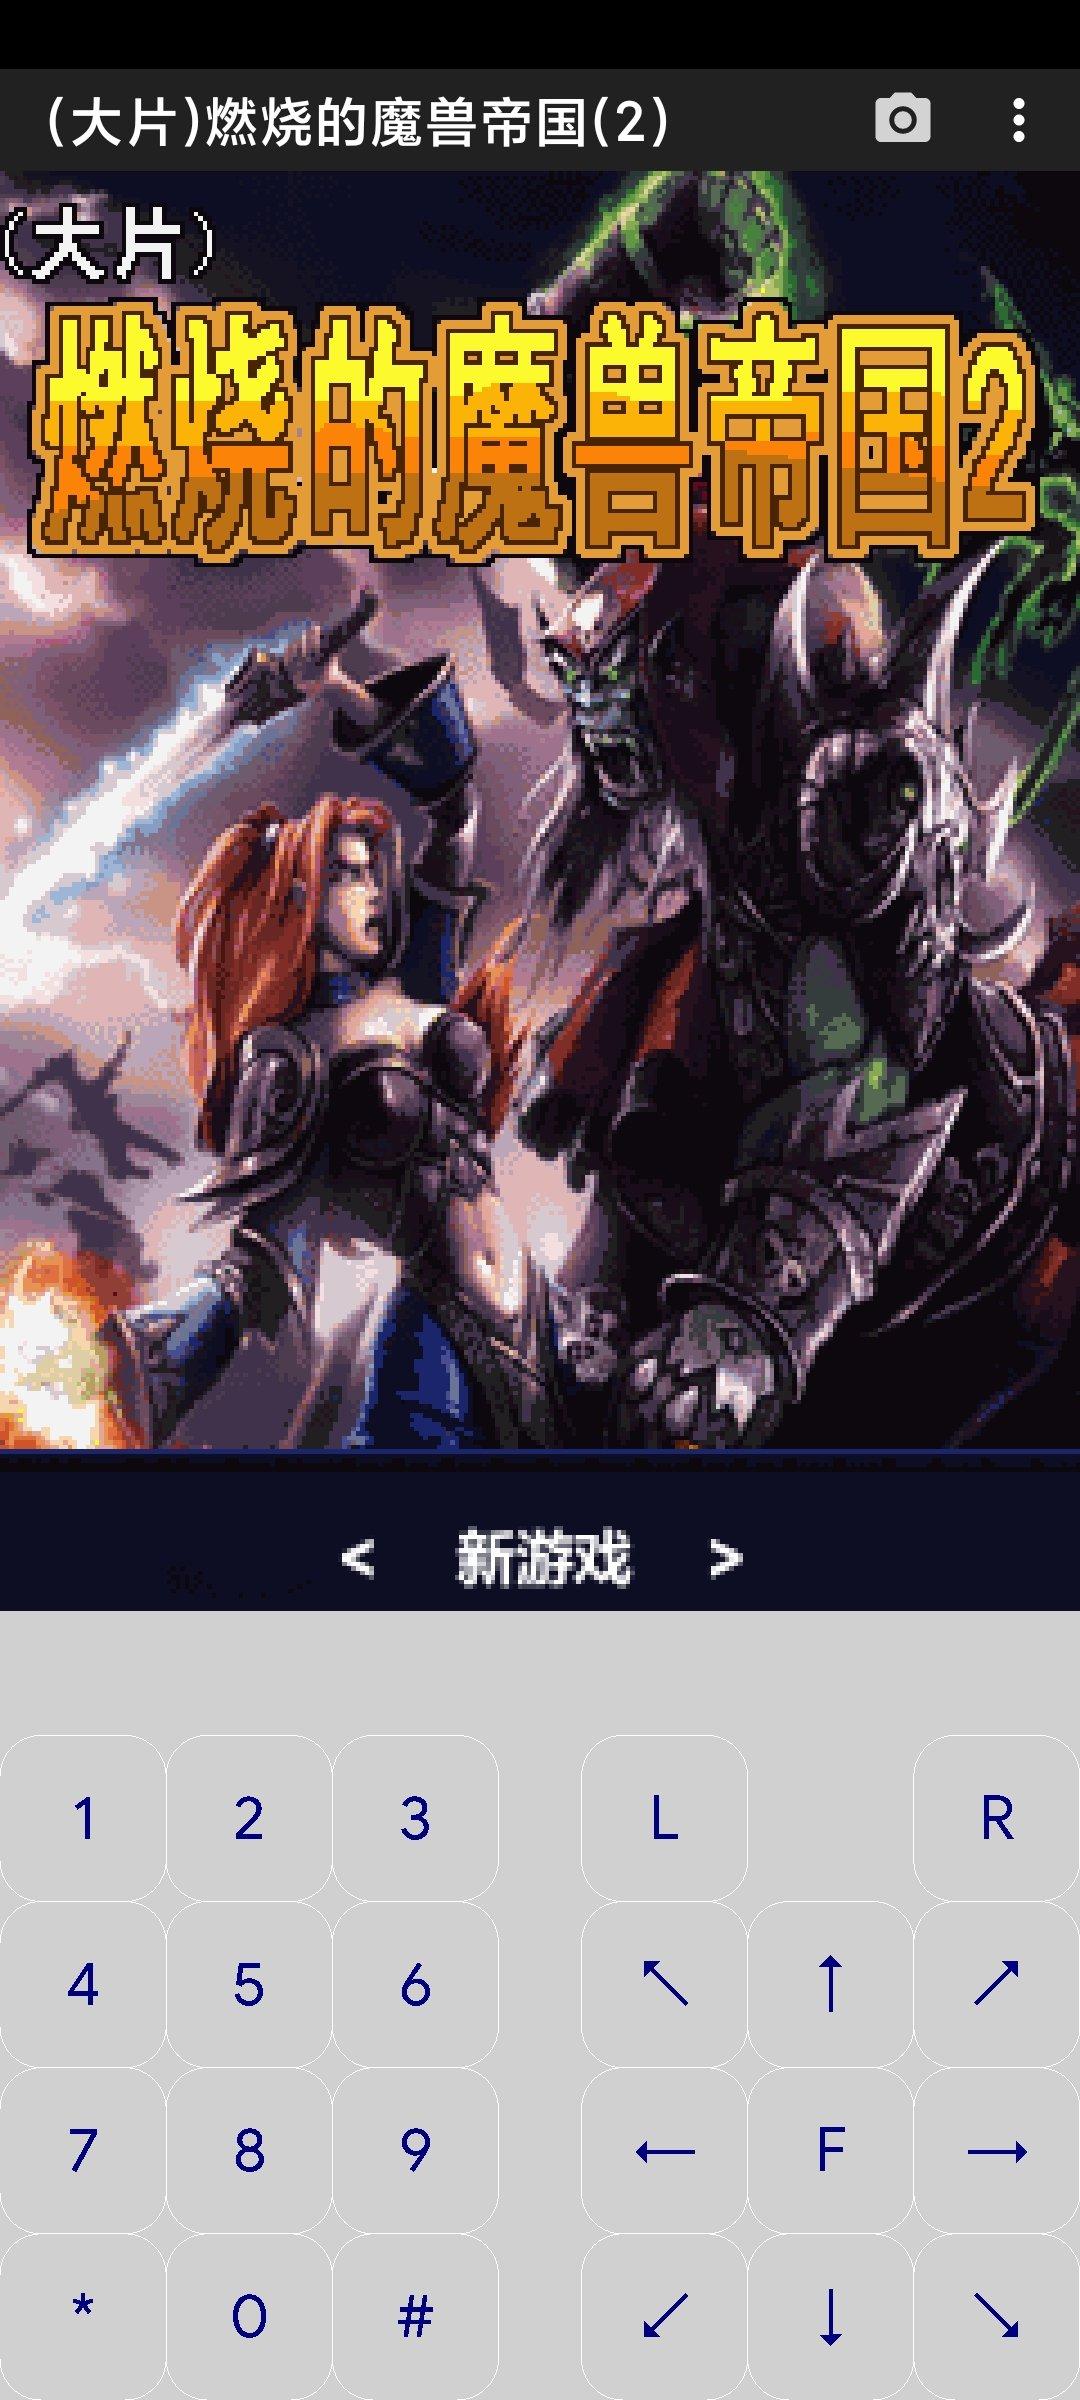 燃烧的魔兽帝国2(1)